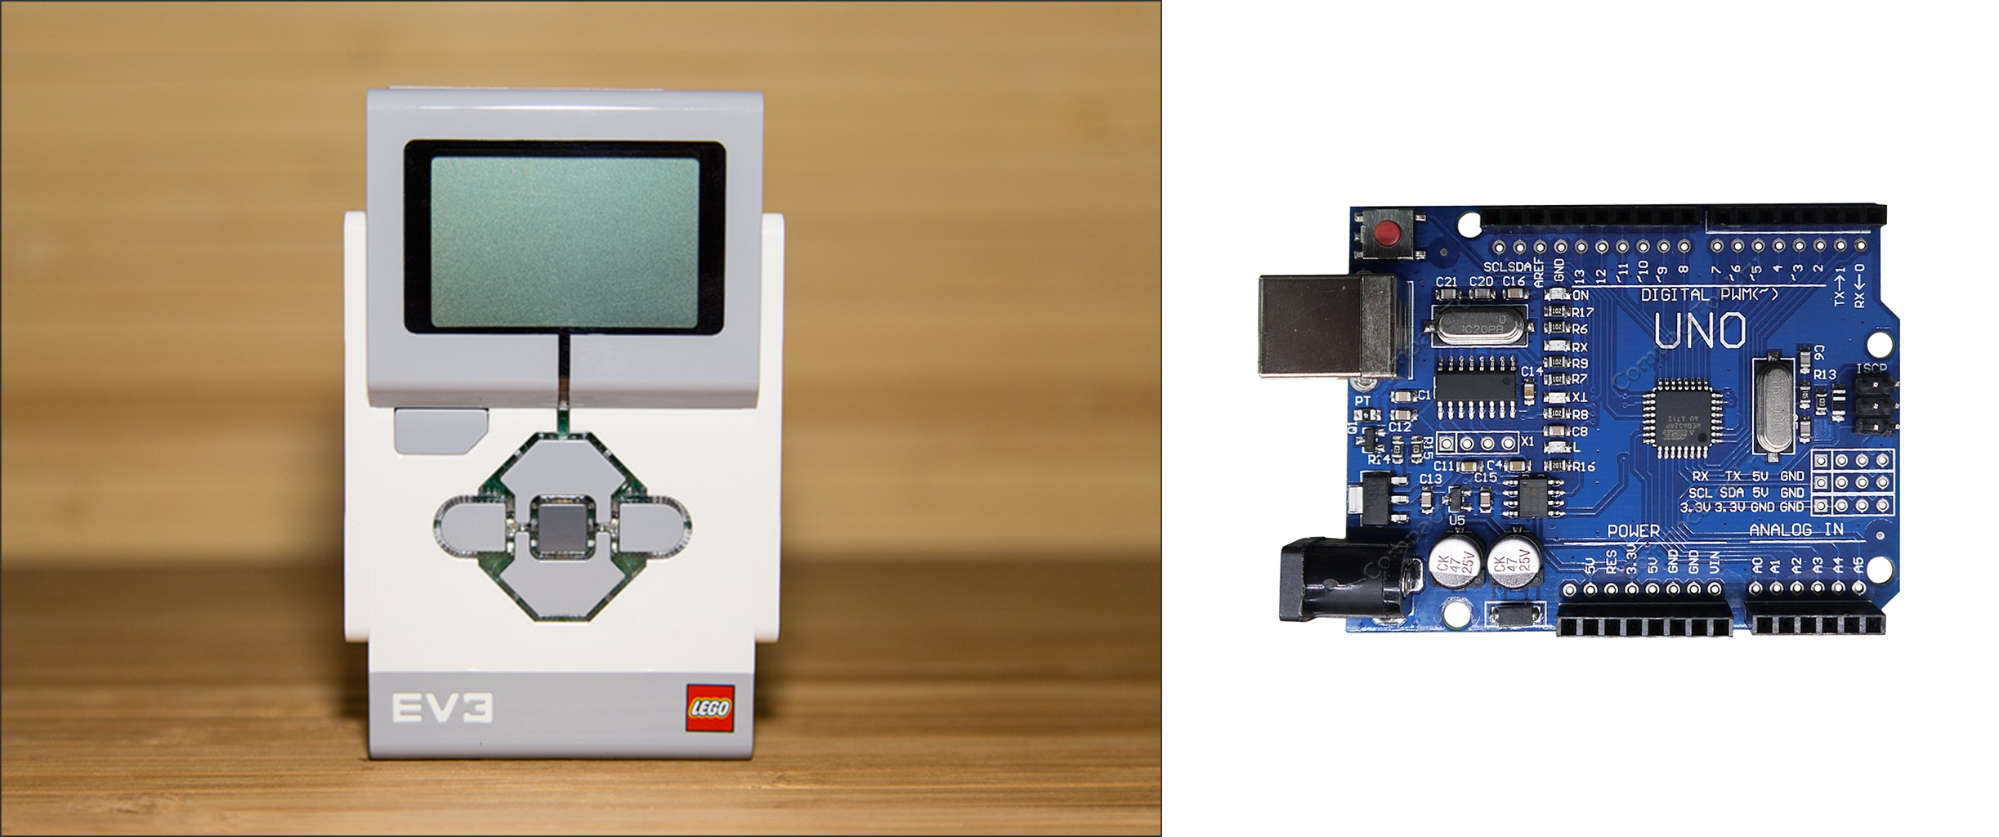 Сравнение программного блока Lego Mindstorms и Arduino